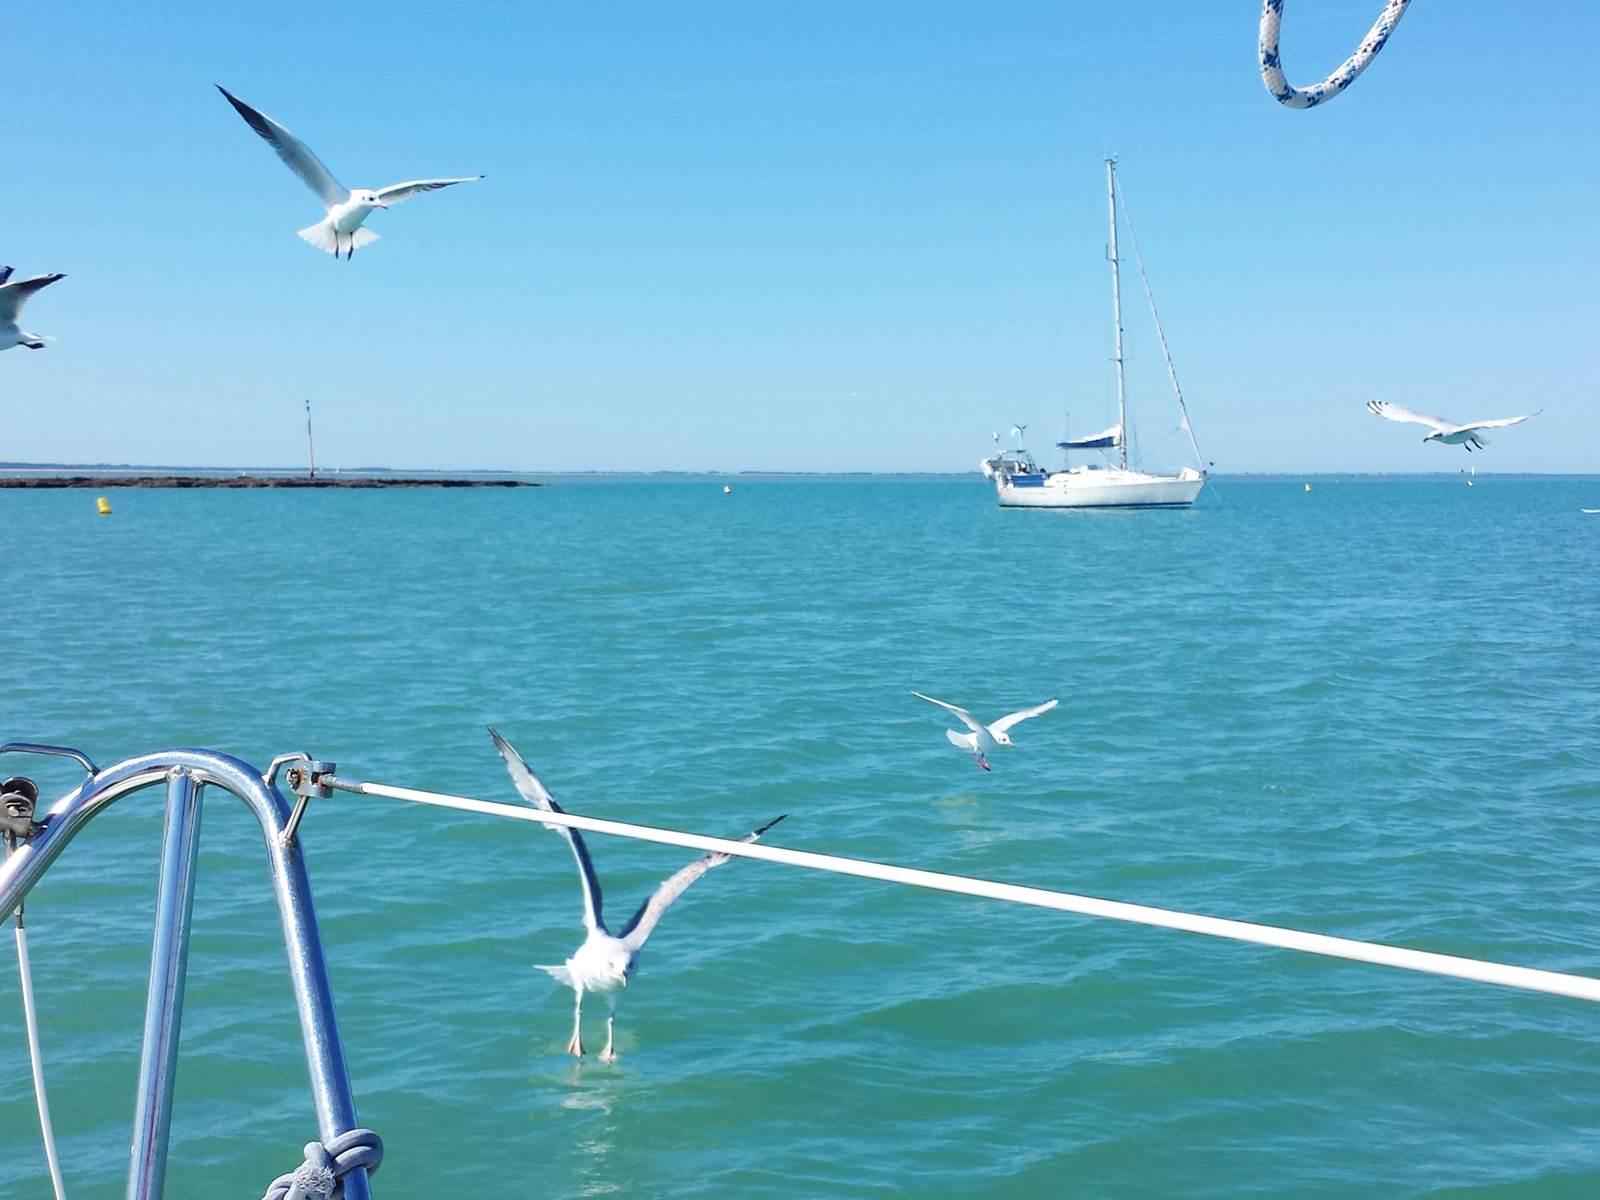 vols de mouettes près du voilier